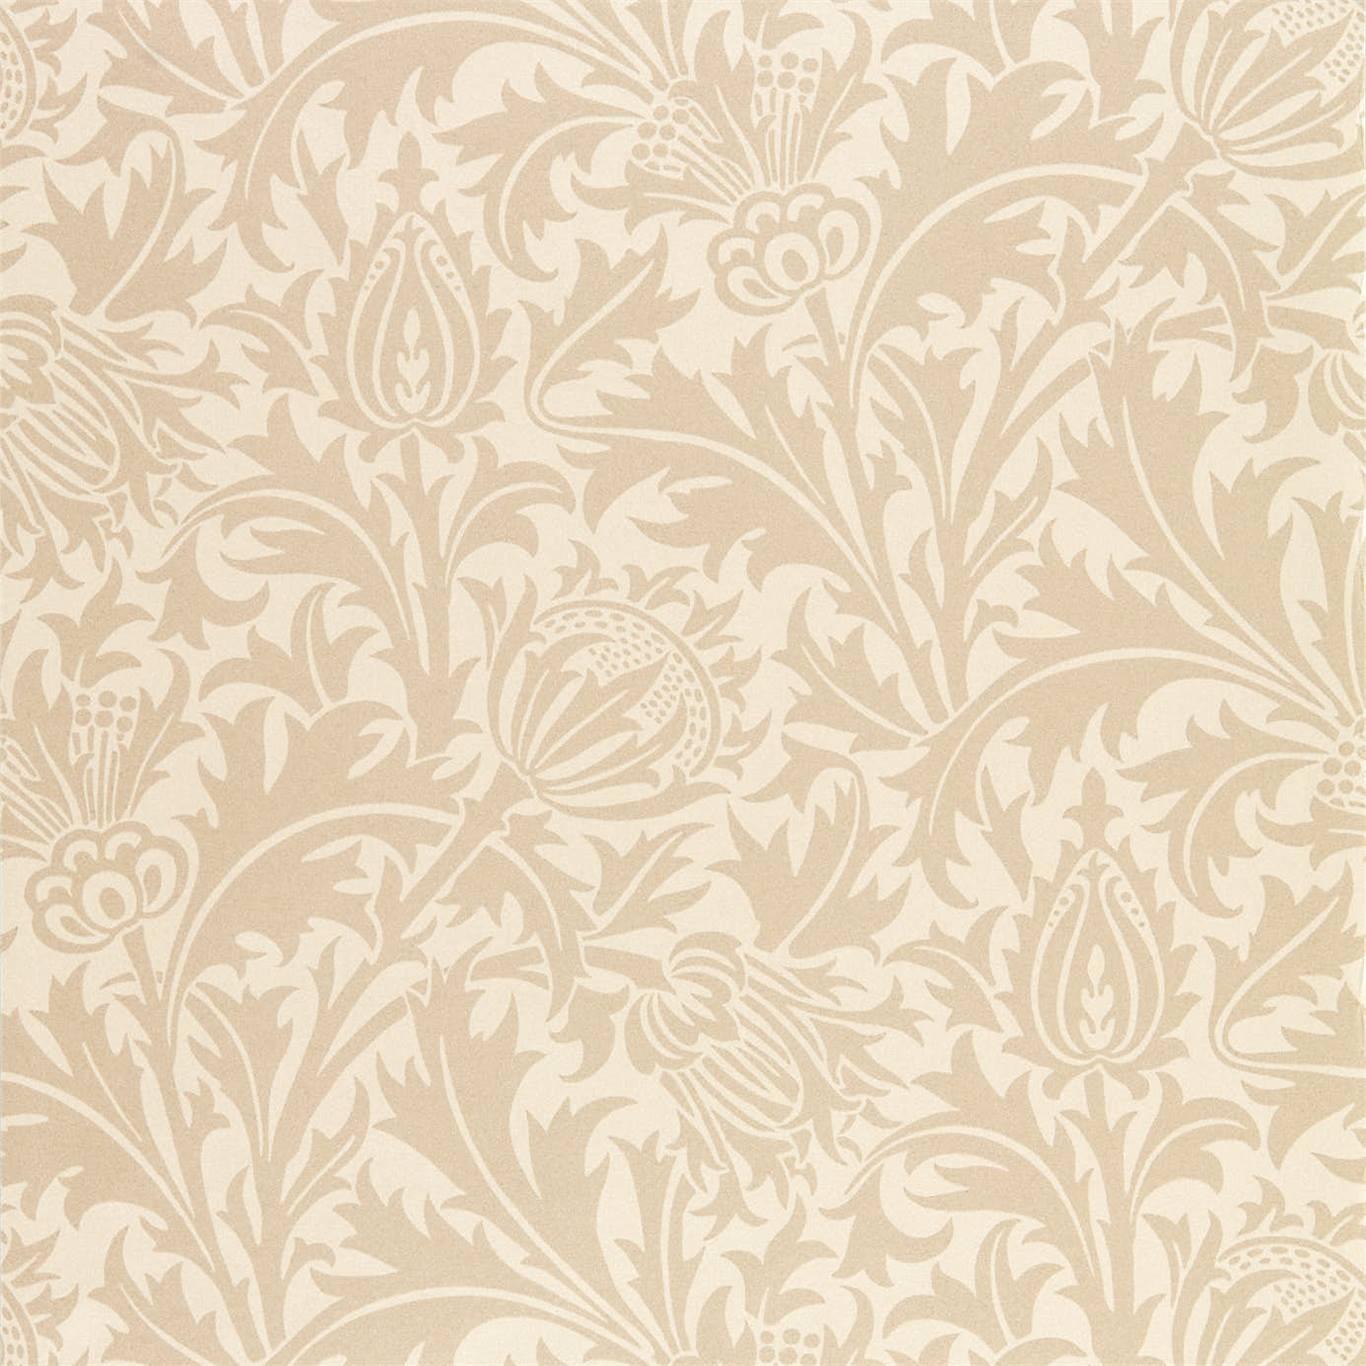 Morris & Co Tapet Pure Thistle Linen